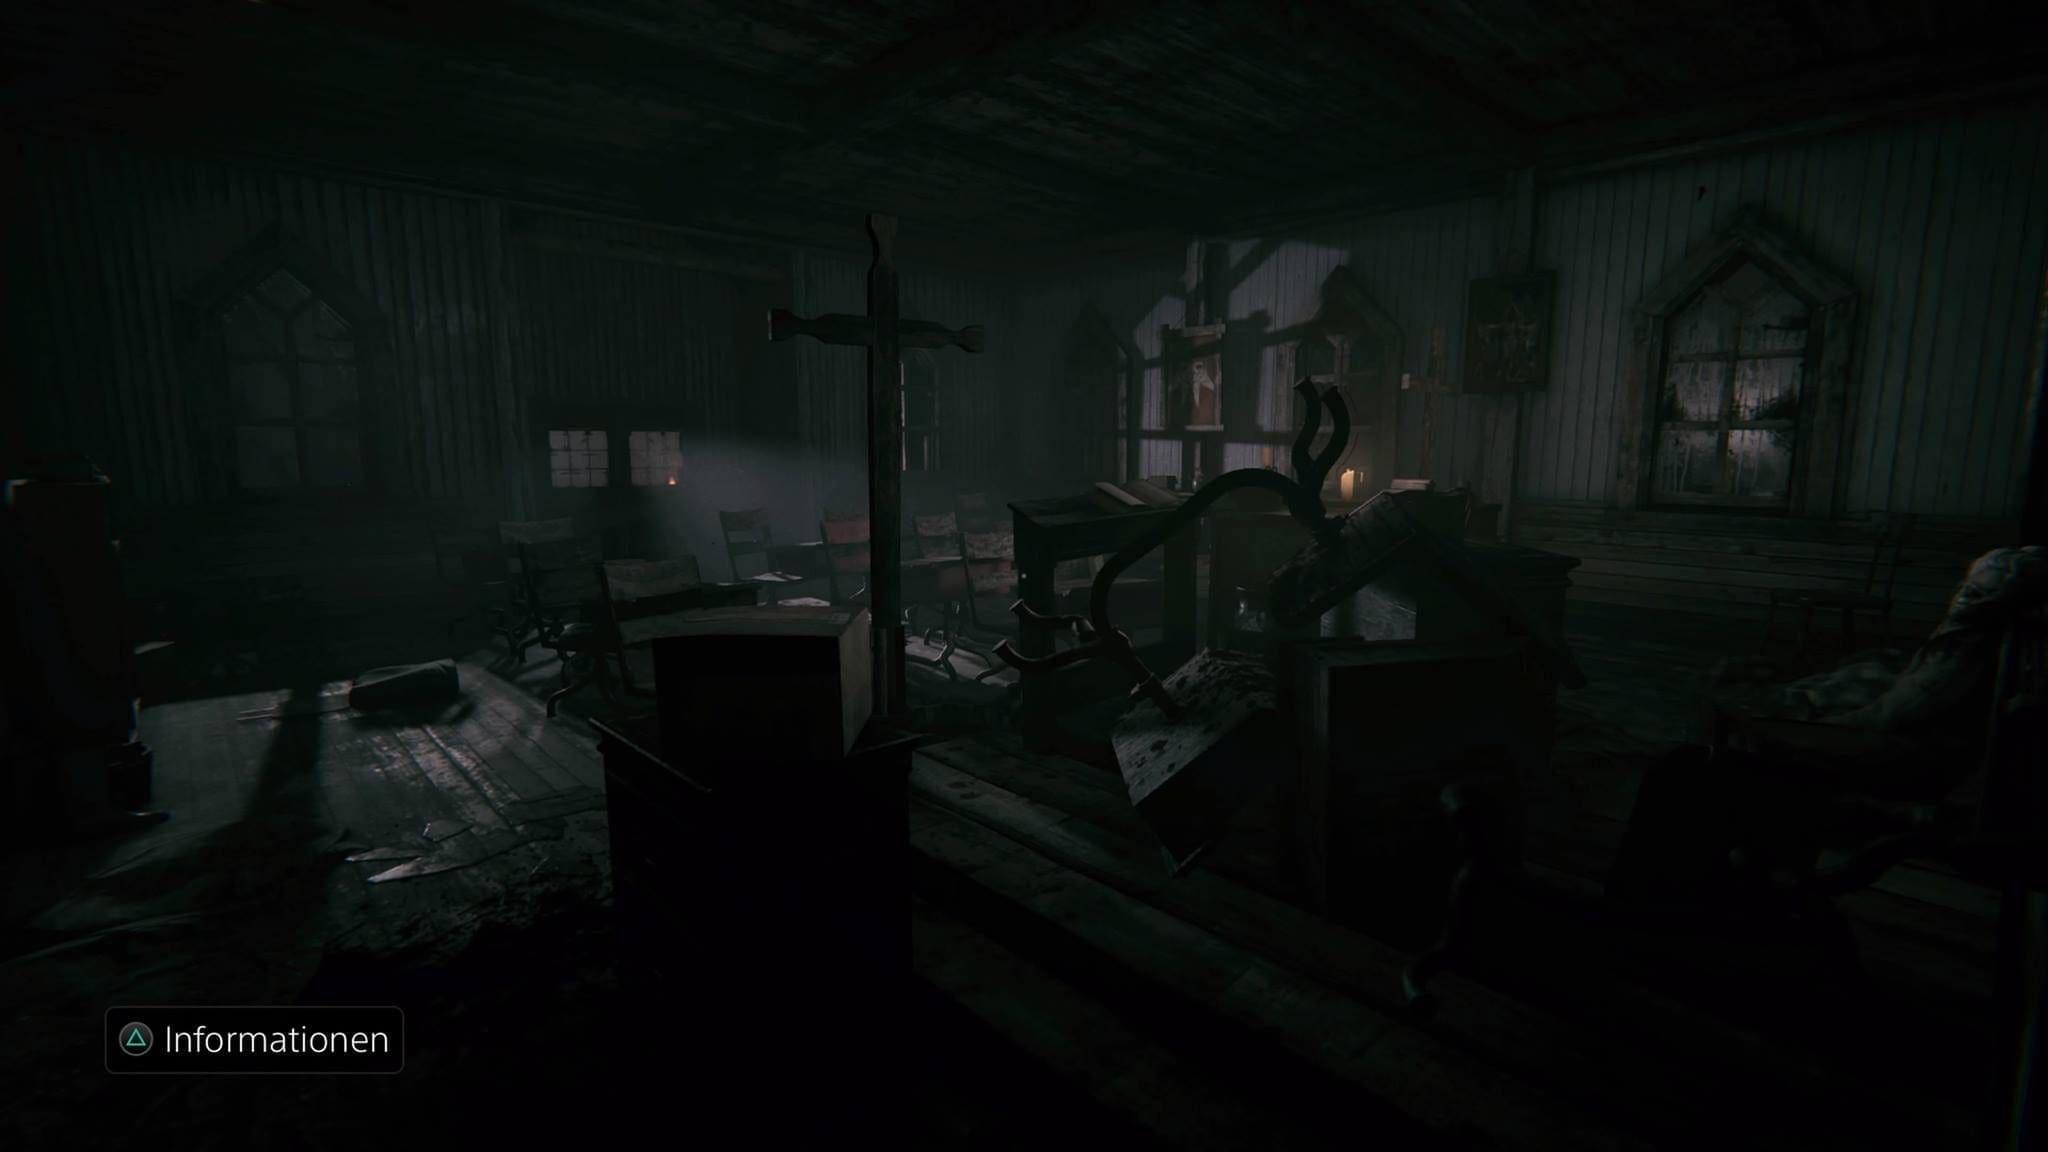 Auch Orte wie diese Kapelle können auf der PS4 mit einem schaurig-schönen Look überzeugen.